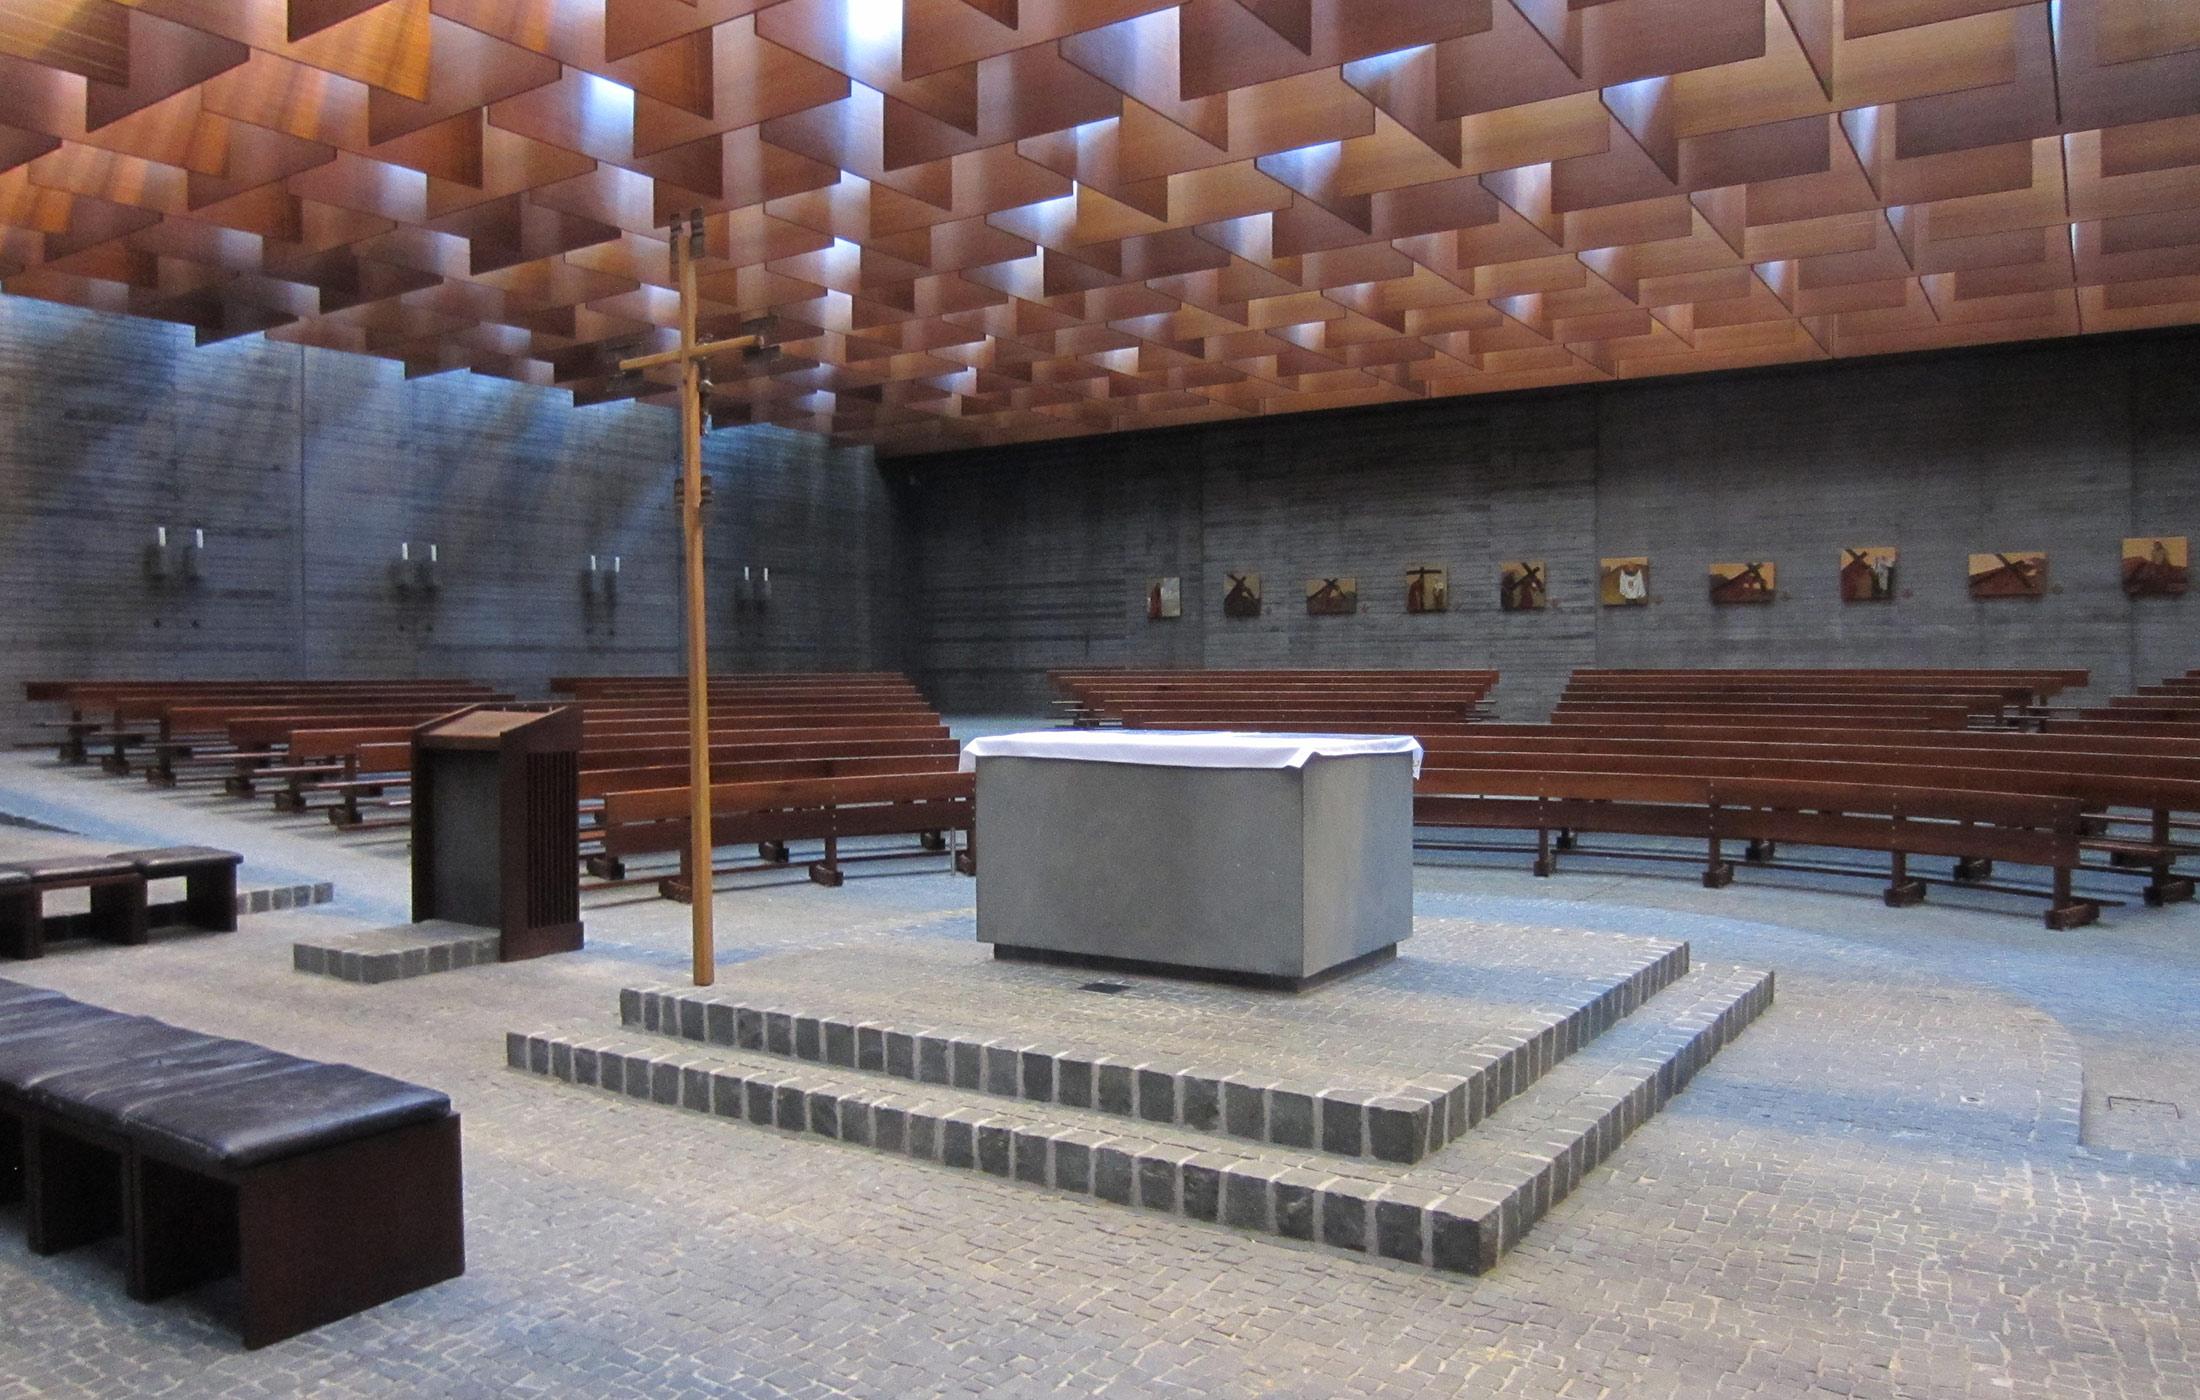 2017, Immobilienkonzept für die katholische Kirche Heidelberg